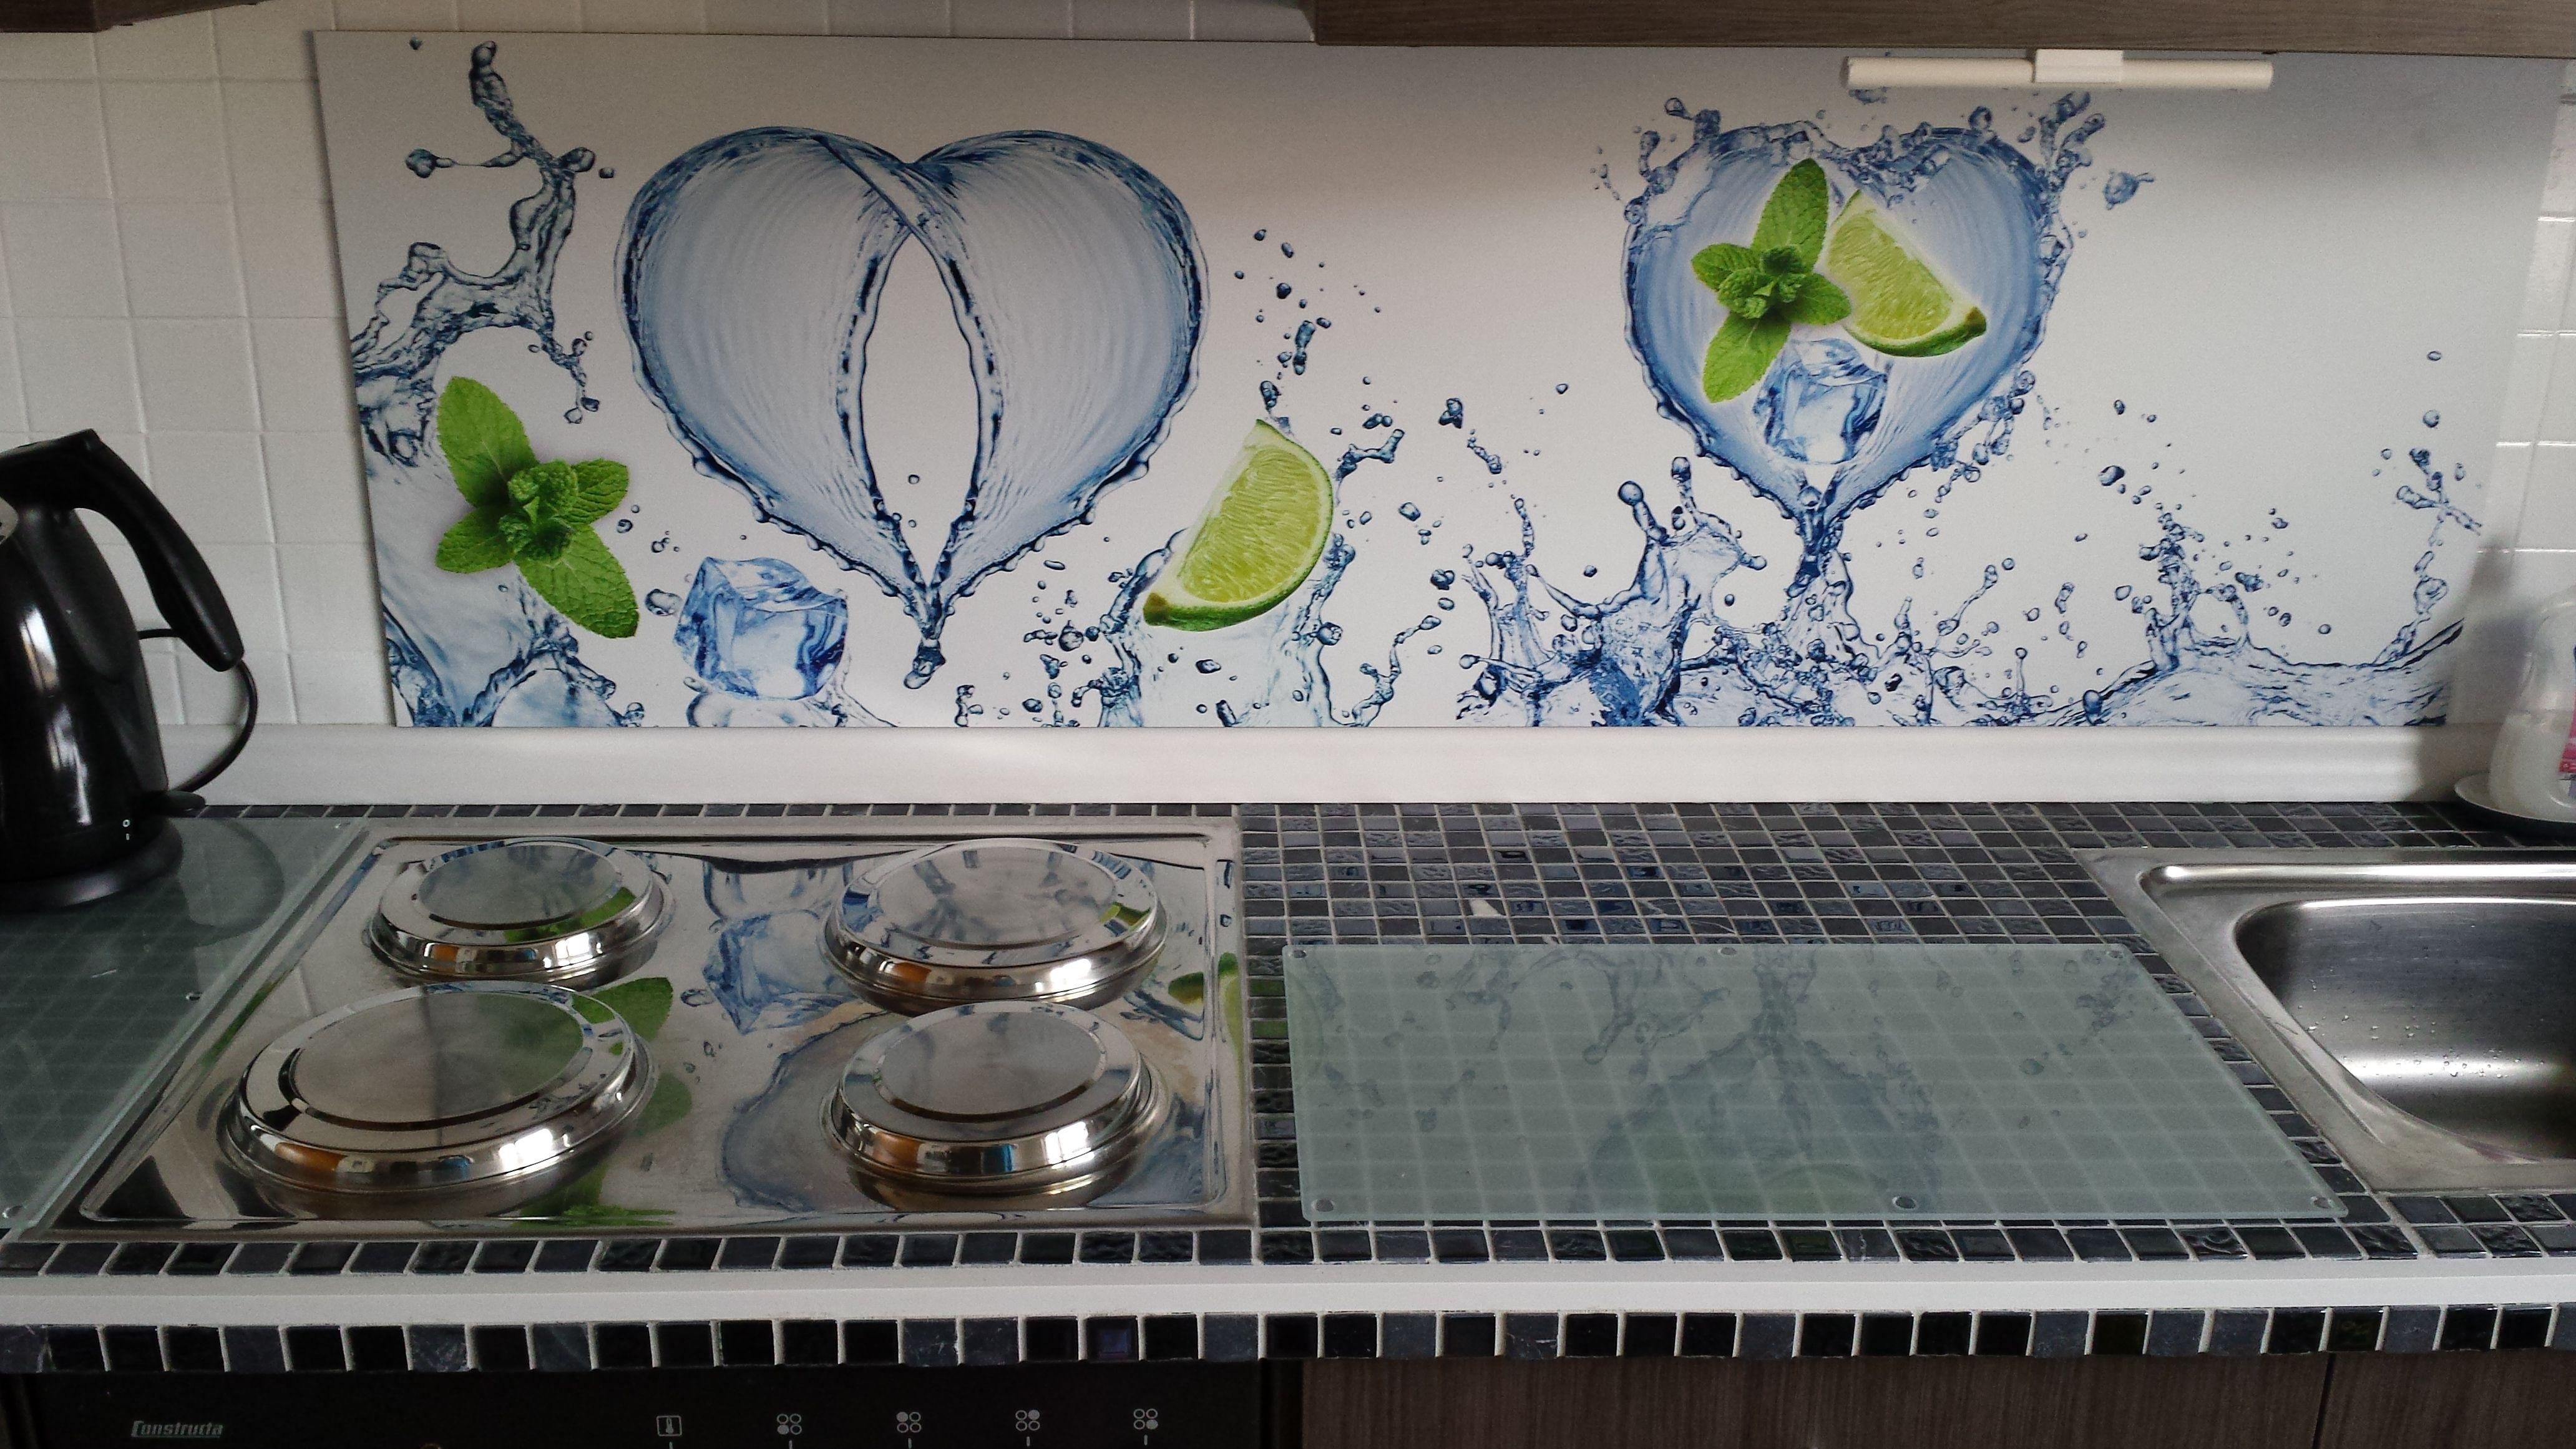 Pimp Your Kitchen Alte Arbeitsplatte Mit Mosaik Fliesen Beklebt Und